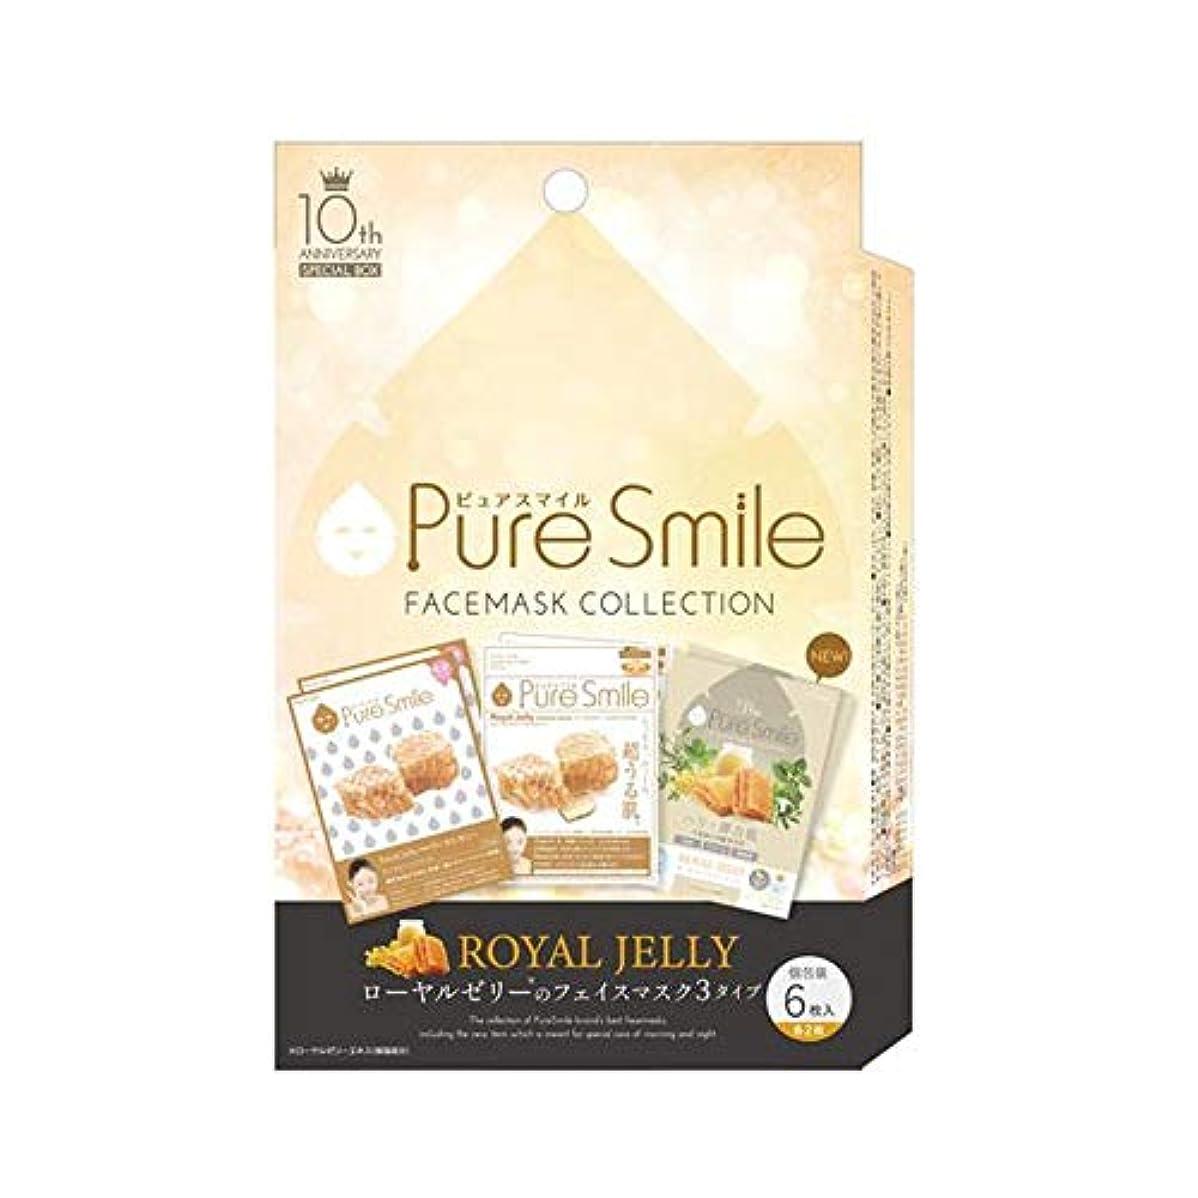 打ち上げる農民インタフェースピュア スマイル Pure Smile 10thアニバーサリー スペシャルボックス ローヤルゼリーエキス 6枚入り